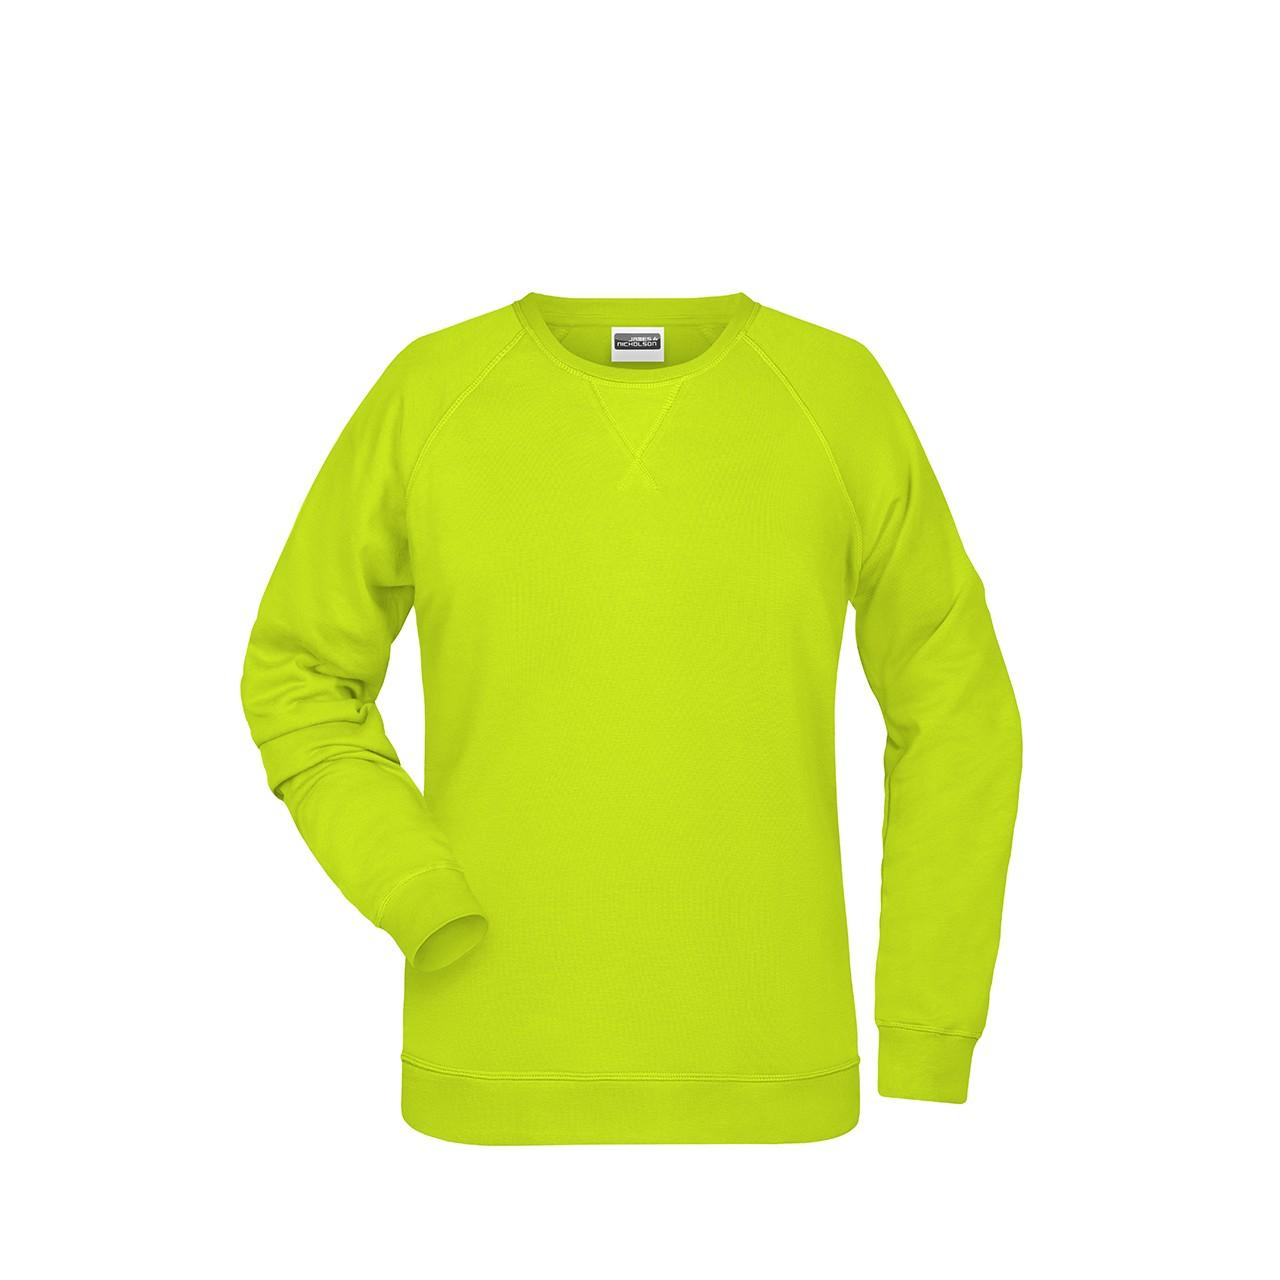 Damen Sweathshirt Bio-Baumwolle James & Nicholson® | bedrucken, besticken, bedrucken lassen, besticken lassen, mit Logo |